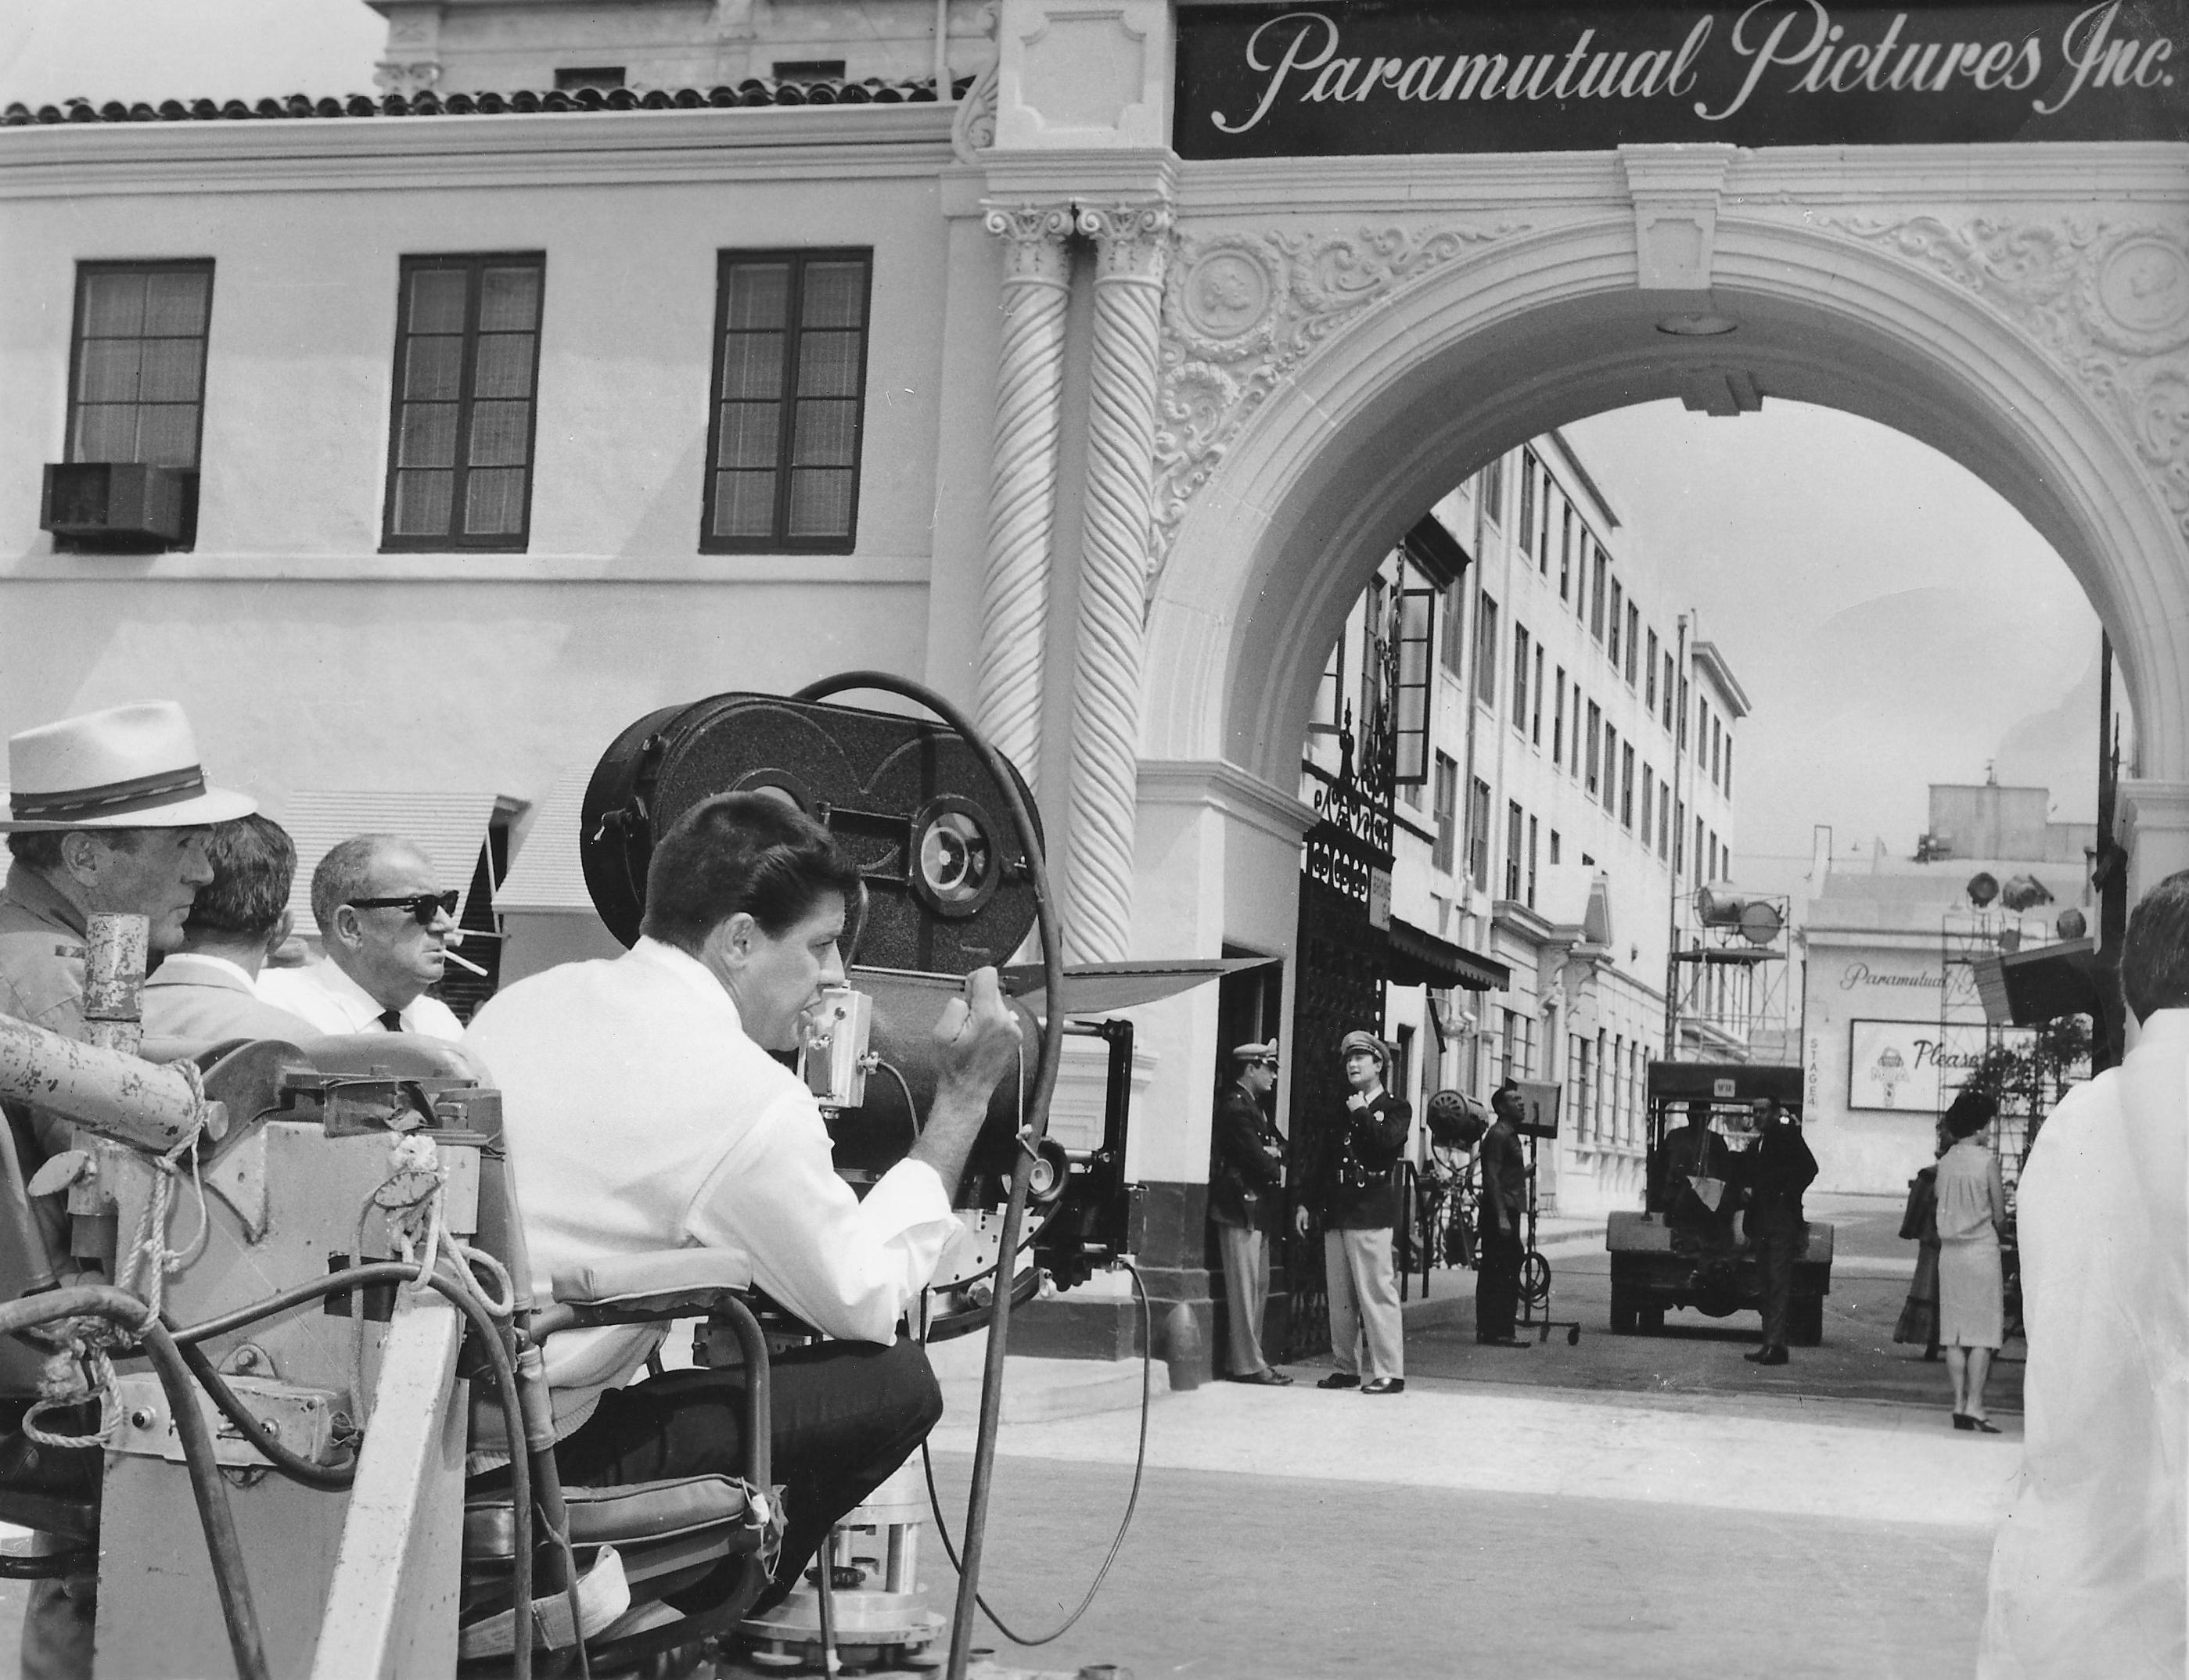 Jerry Lewis en train de mettre en scène son deuxième film, Le Zinzin d'Hollywood